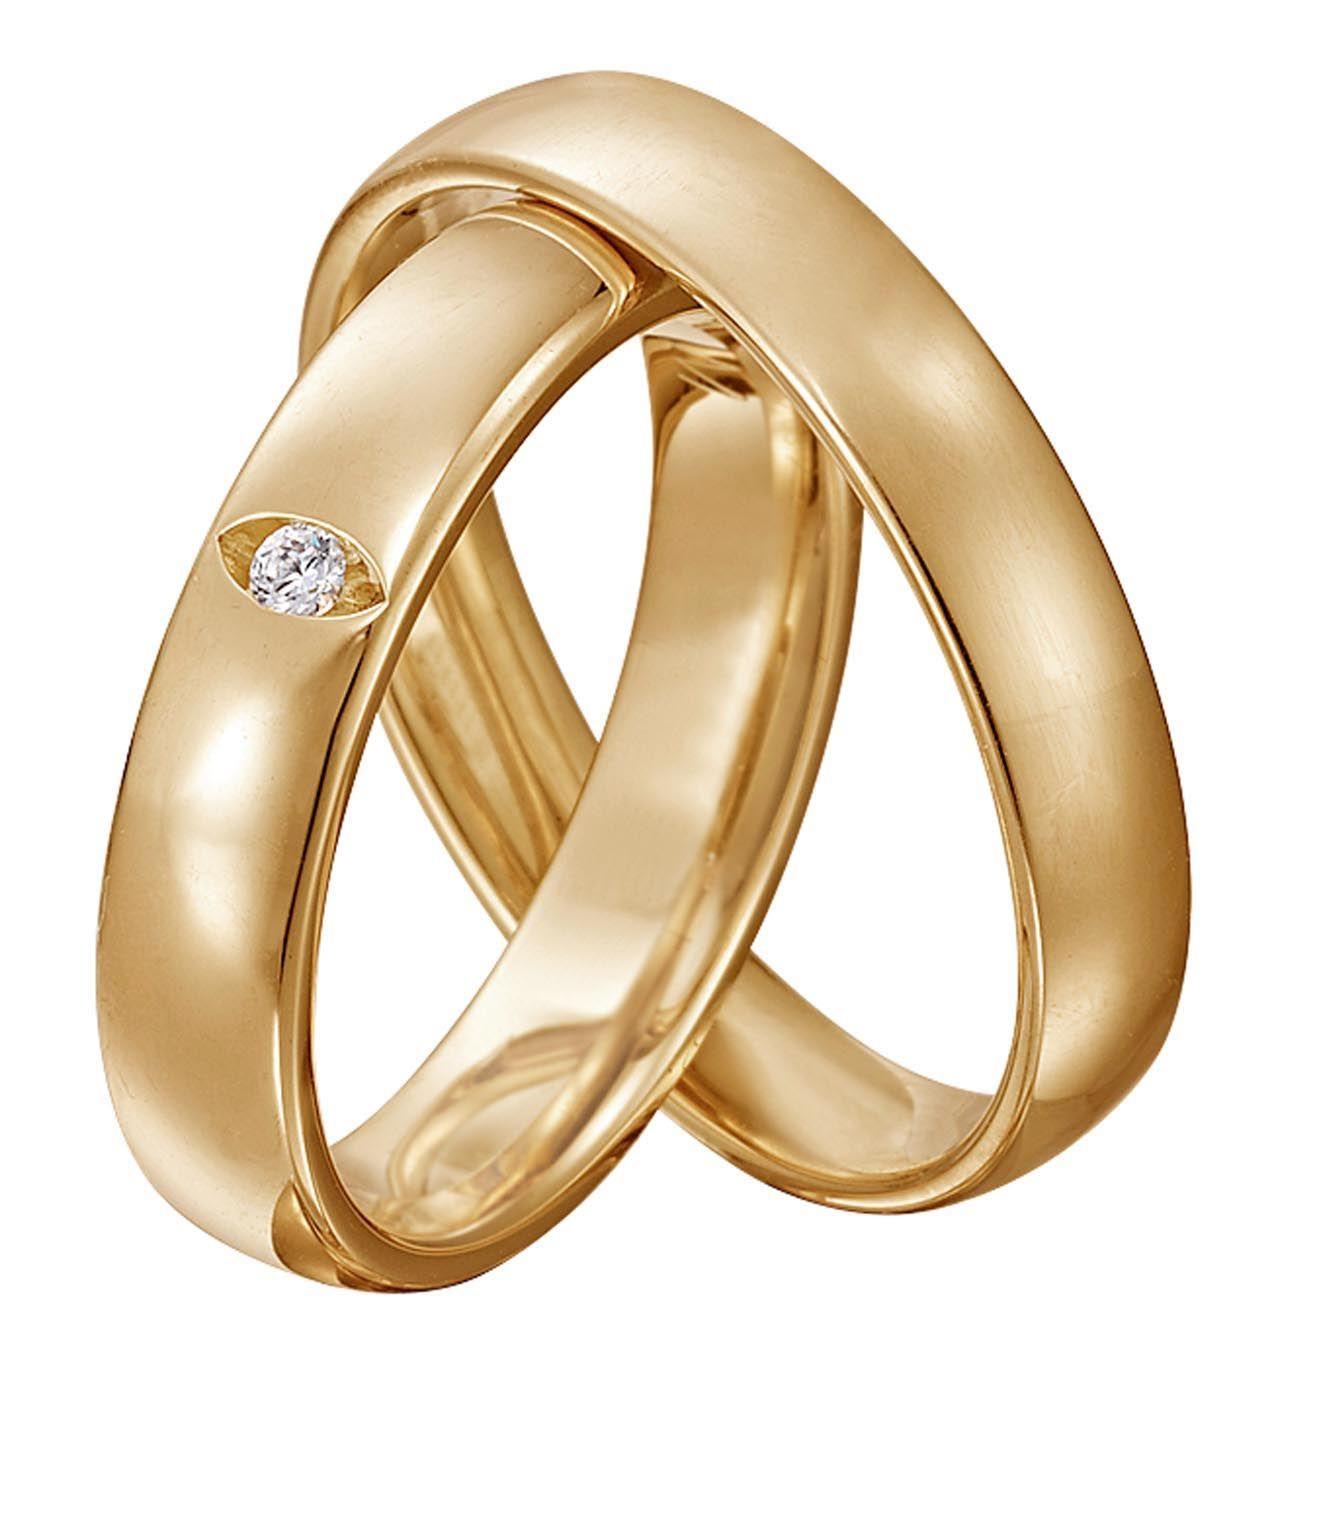 Christ Trauringpaar Gelbgold - Heiraten mit braut.de  Hochzeit